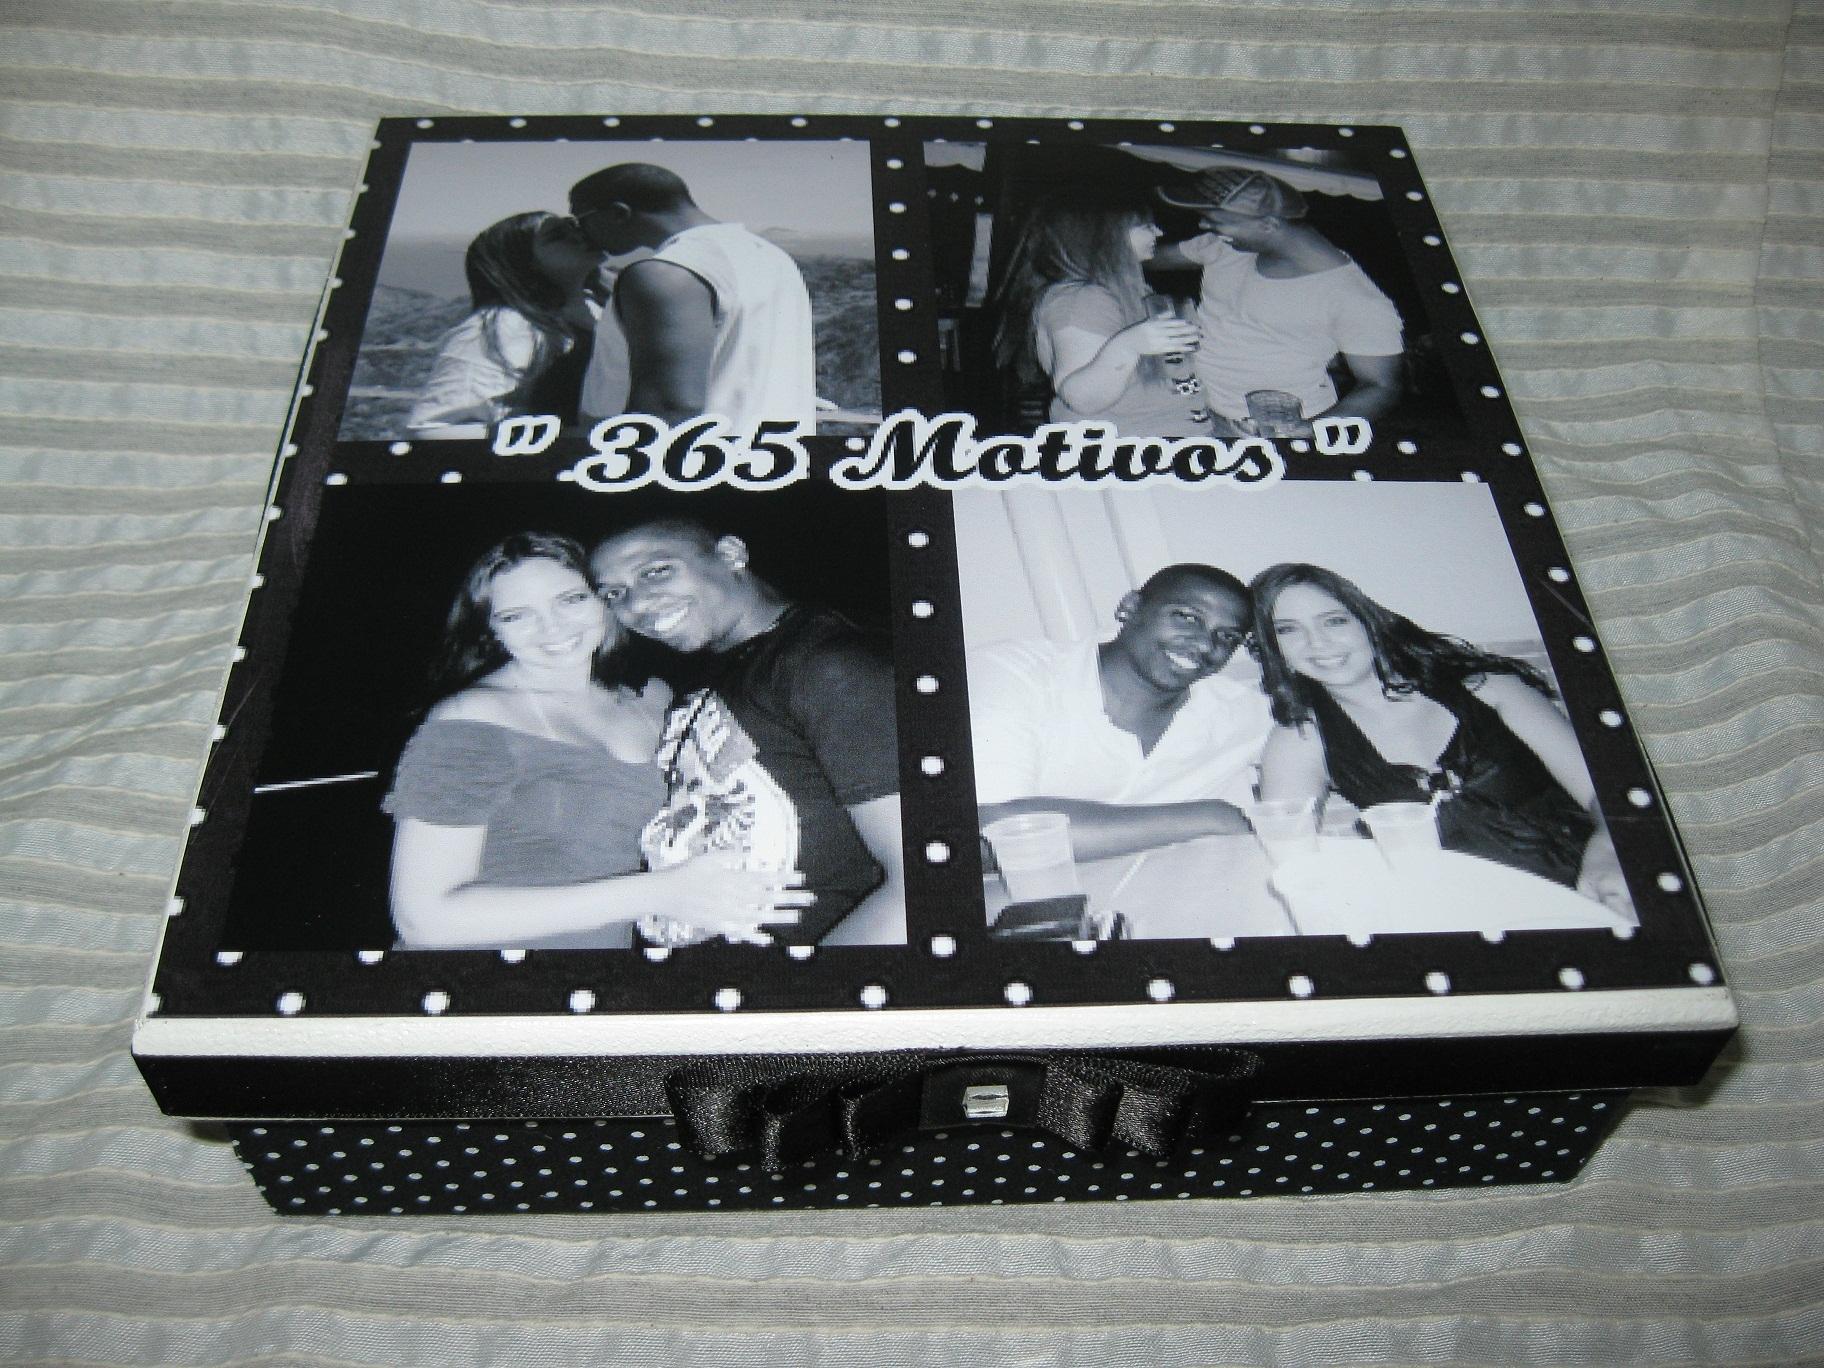 foto caixa mdf personalizada com foto caixa mdf personalizada com foto  #464F5A 1824x1368